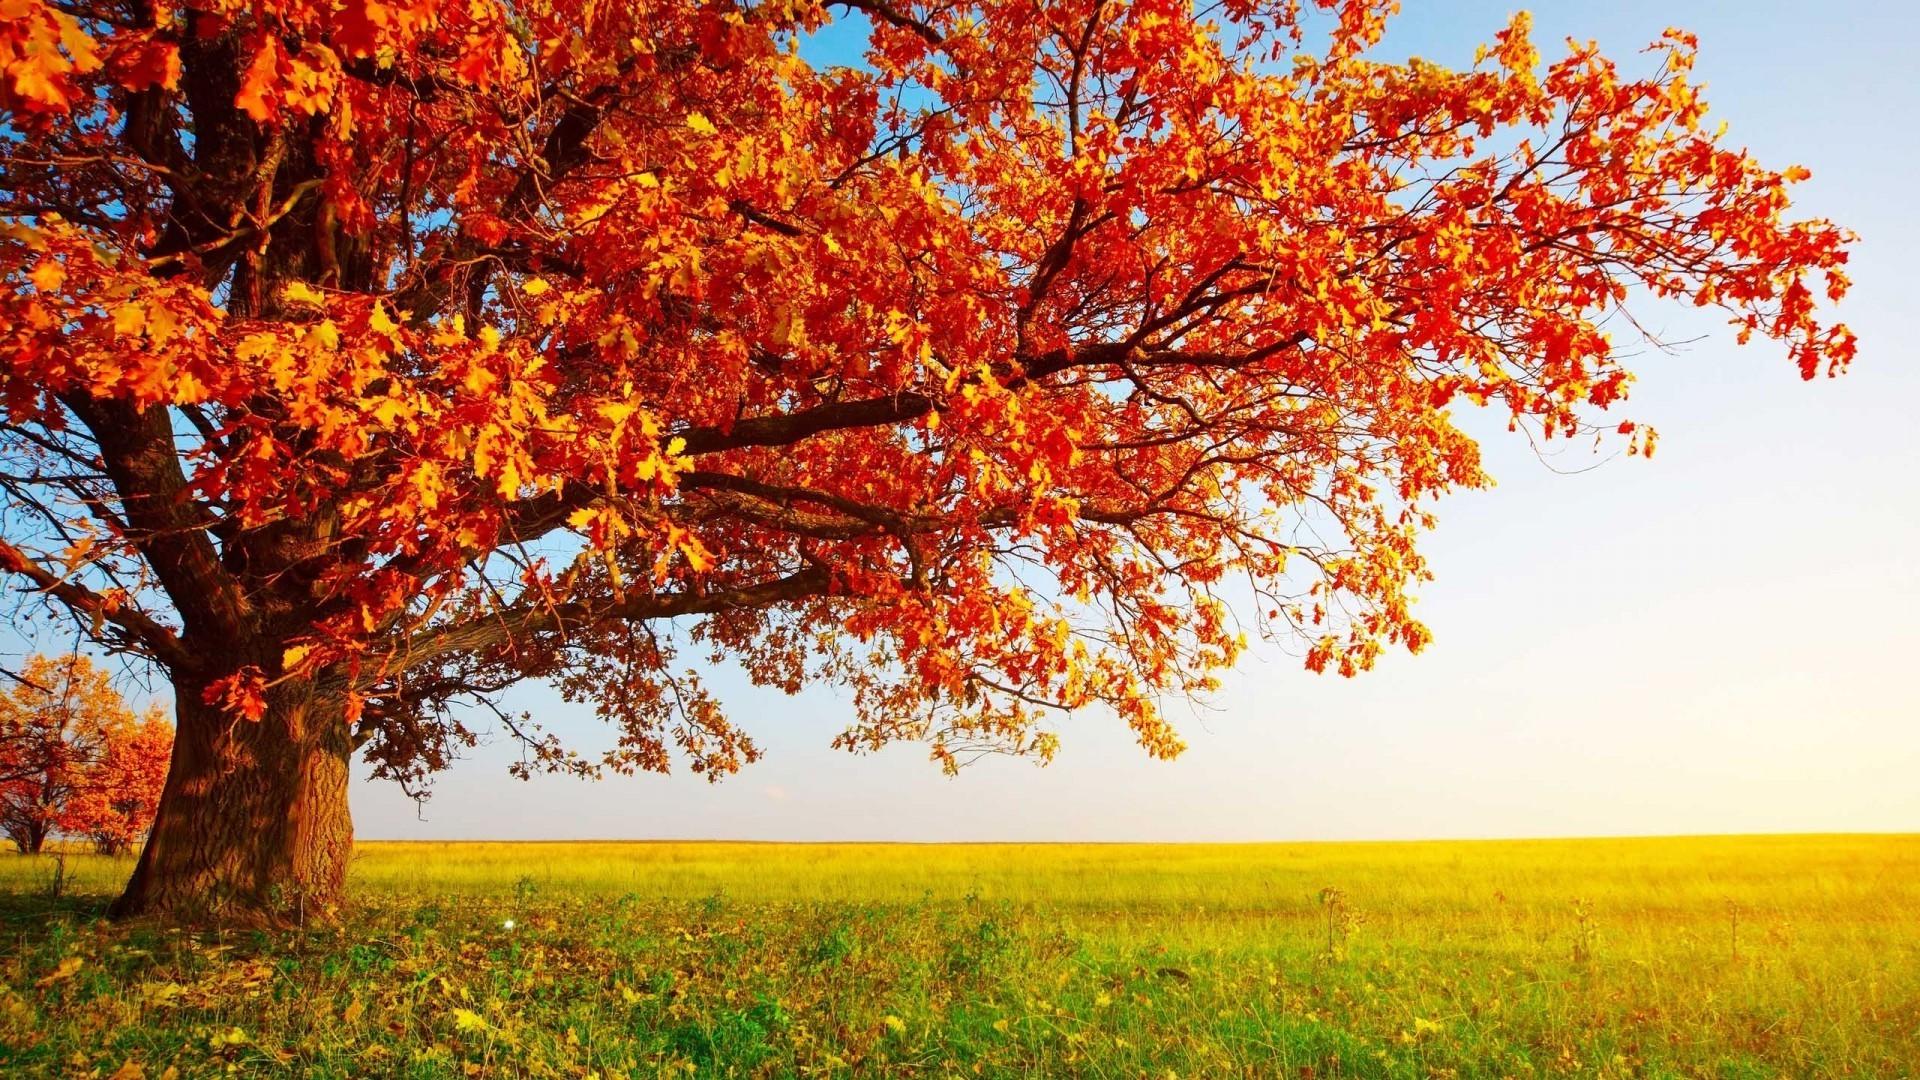 картинки осень на обои рабочего стола соленого